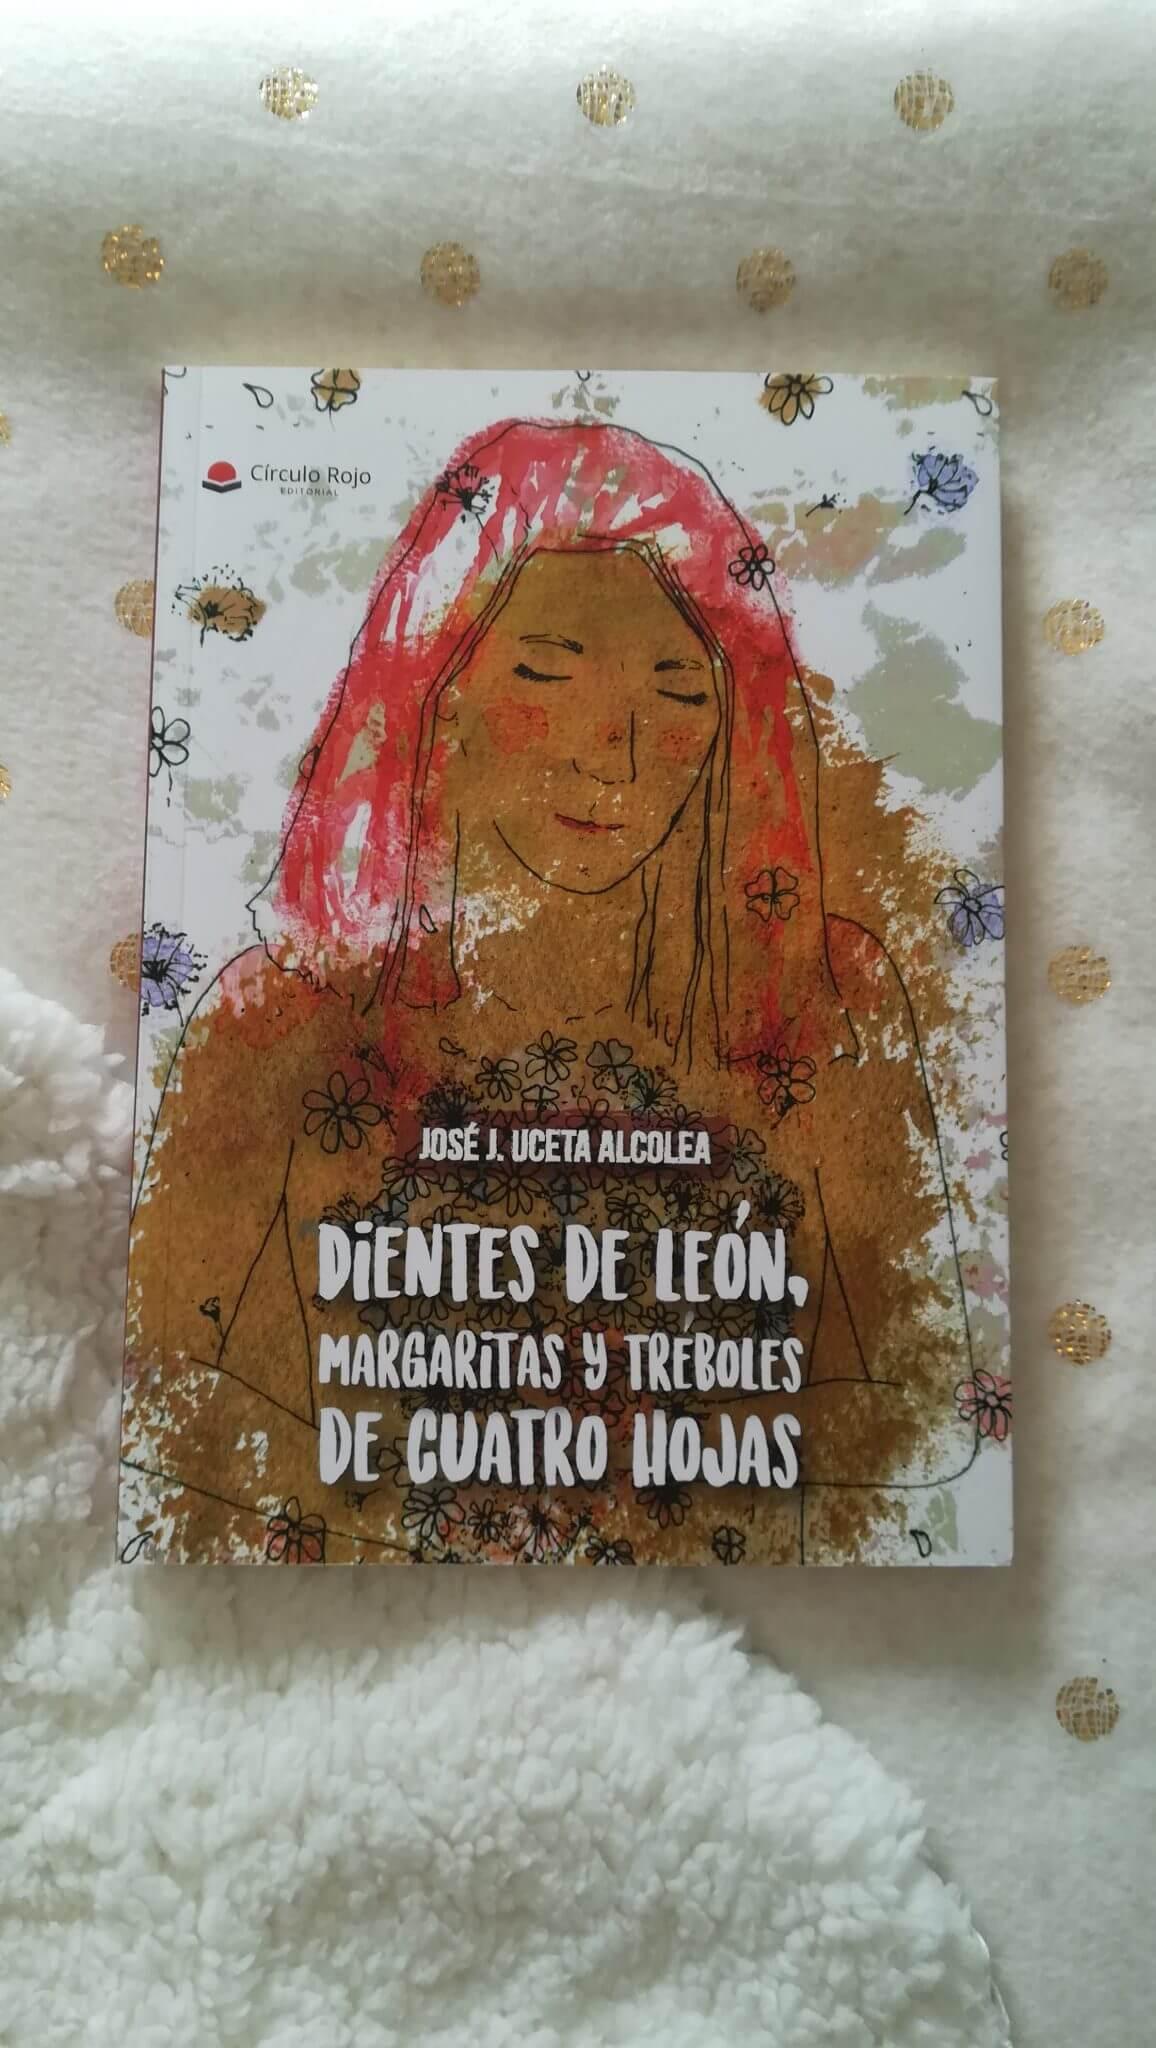 Dientes de león, margaritas y tréboles de cuatro hojas – José J. Uceta Alcolea